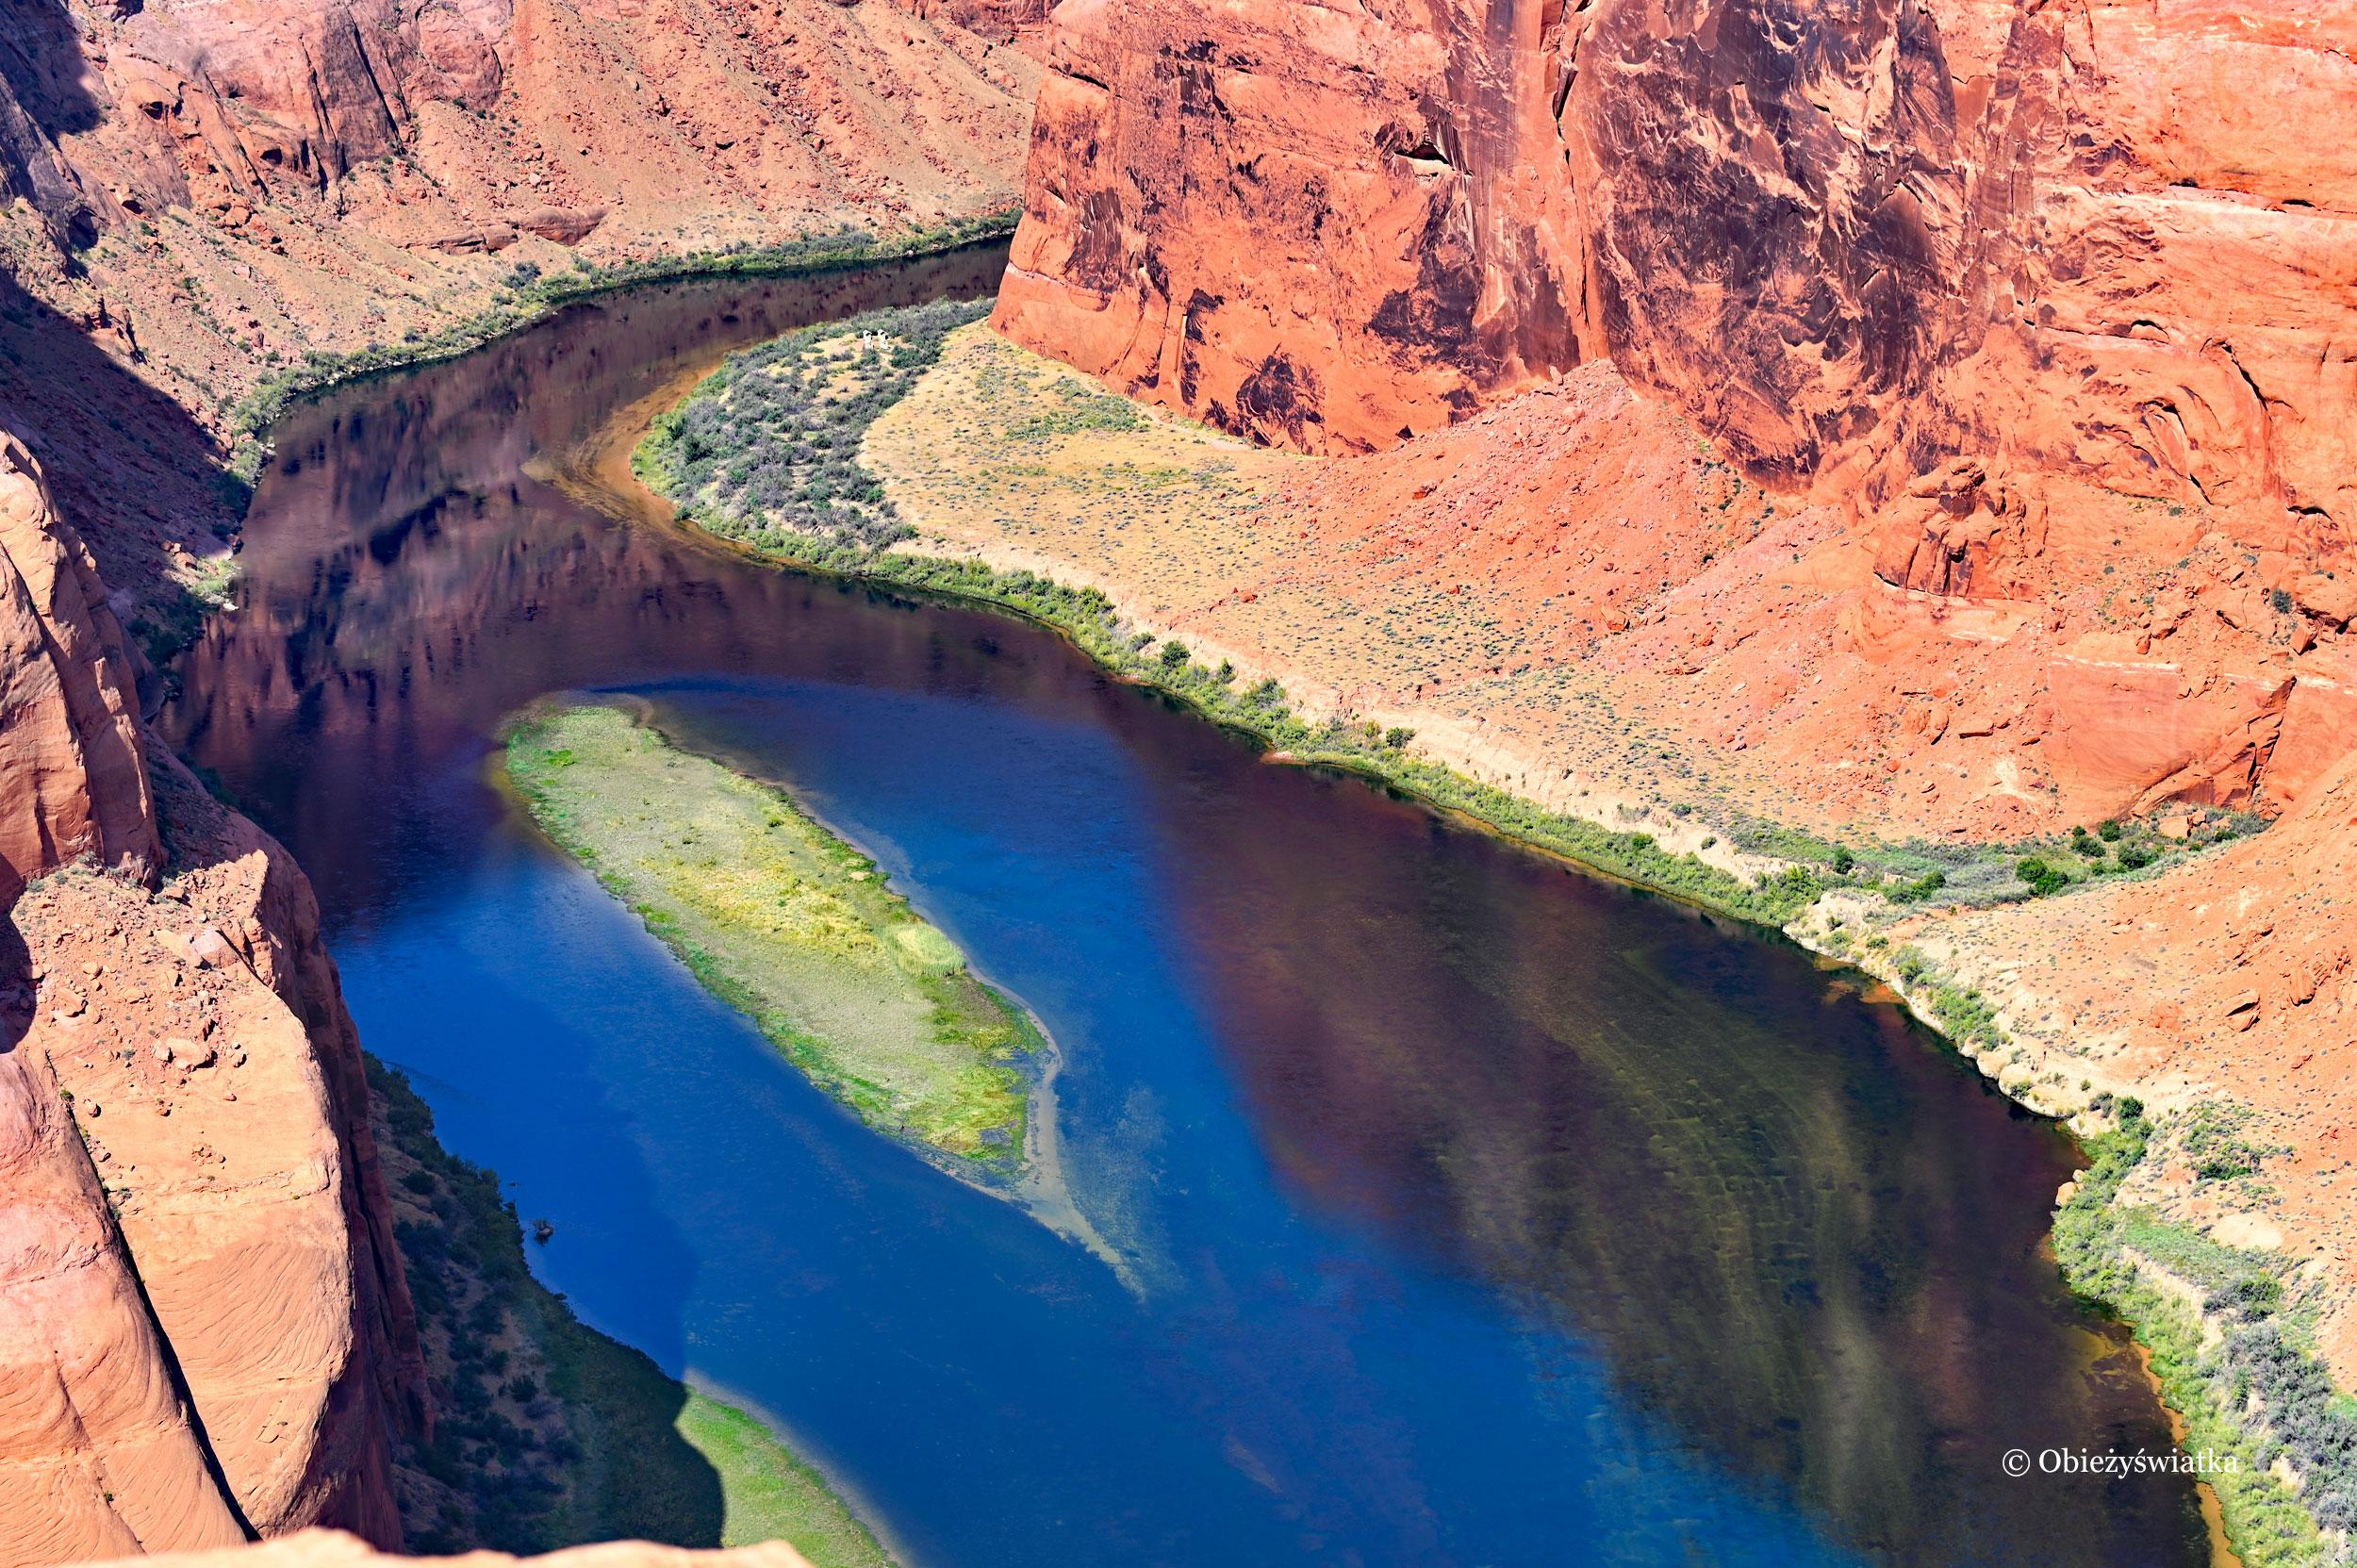 Widok na rzekę Kolorado w Kanionie Glen, Arizona